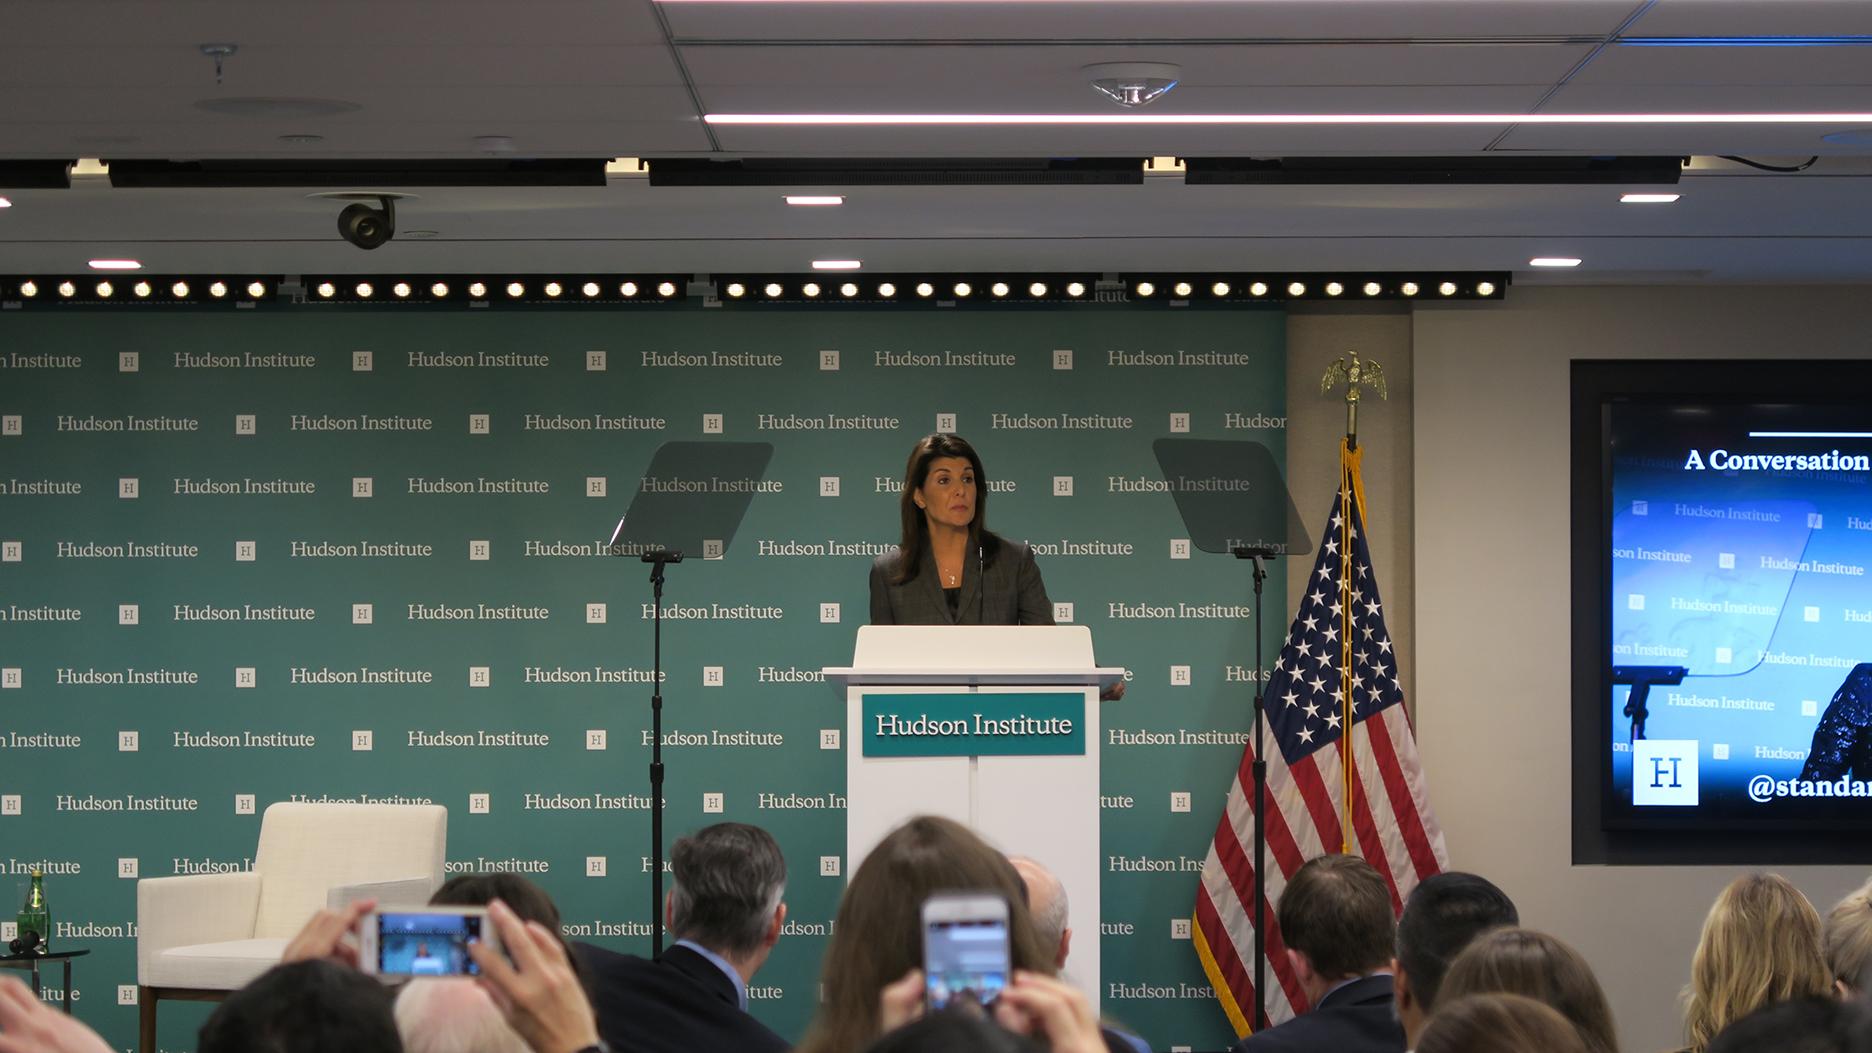 美国前驻联合国大使尼基·黑利(Nikki Haley) 以捍卫美国资本主义价值为题发表演说。(自由亚洲电台记者唐家婕华盛顿摄)